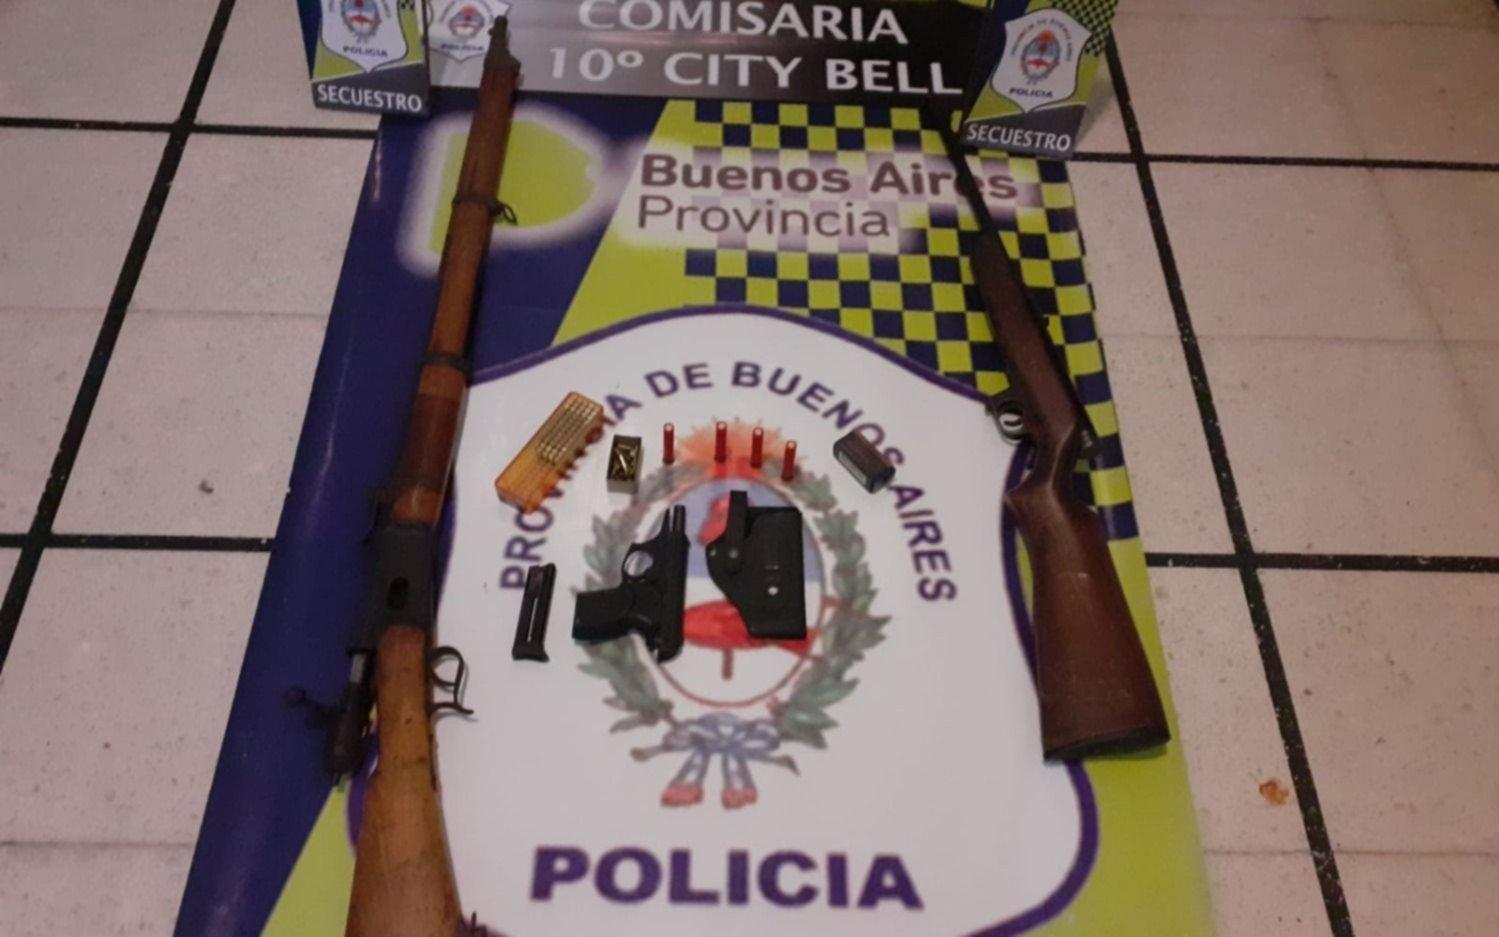 Allanamiento y detención en City Bell a instancias de una causa por amenazas